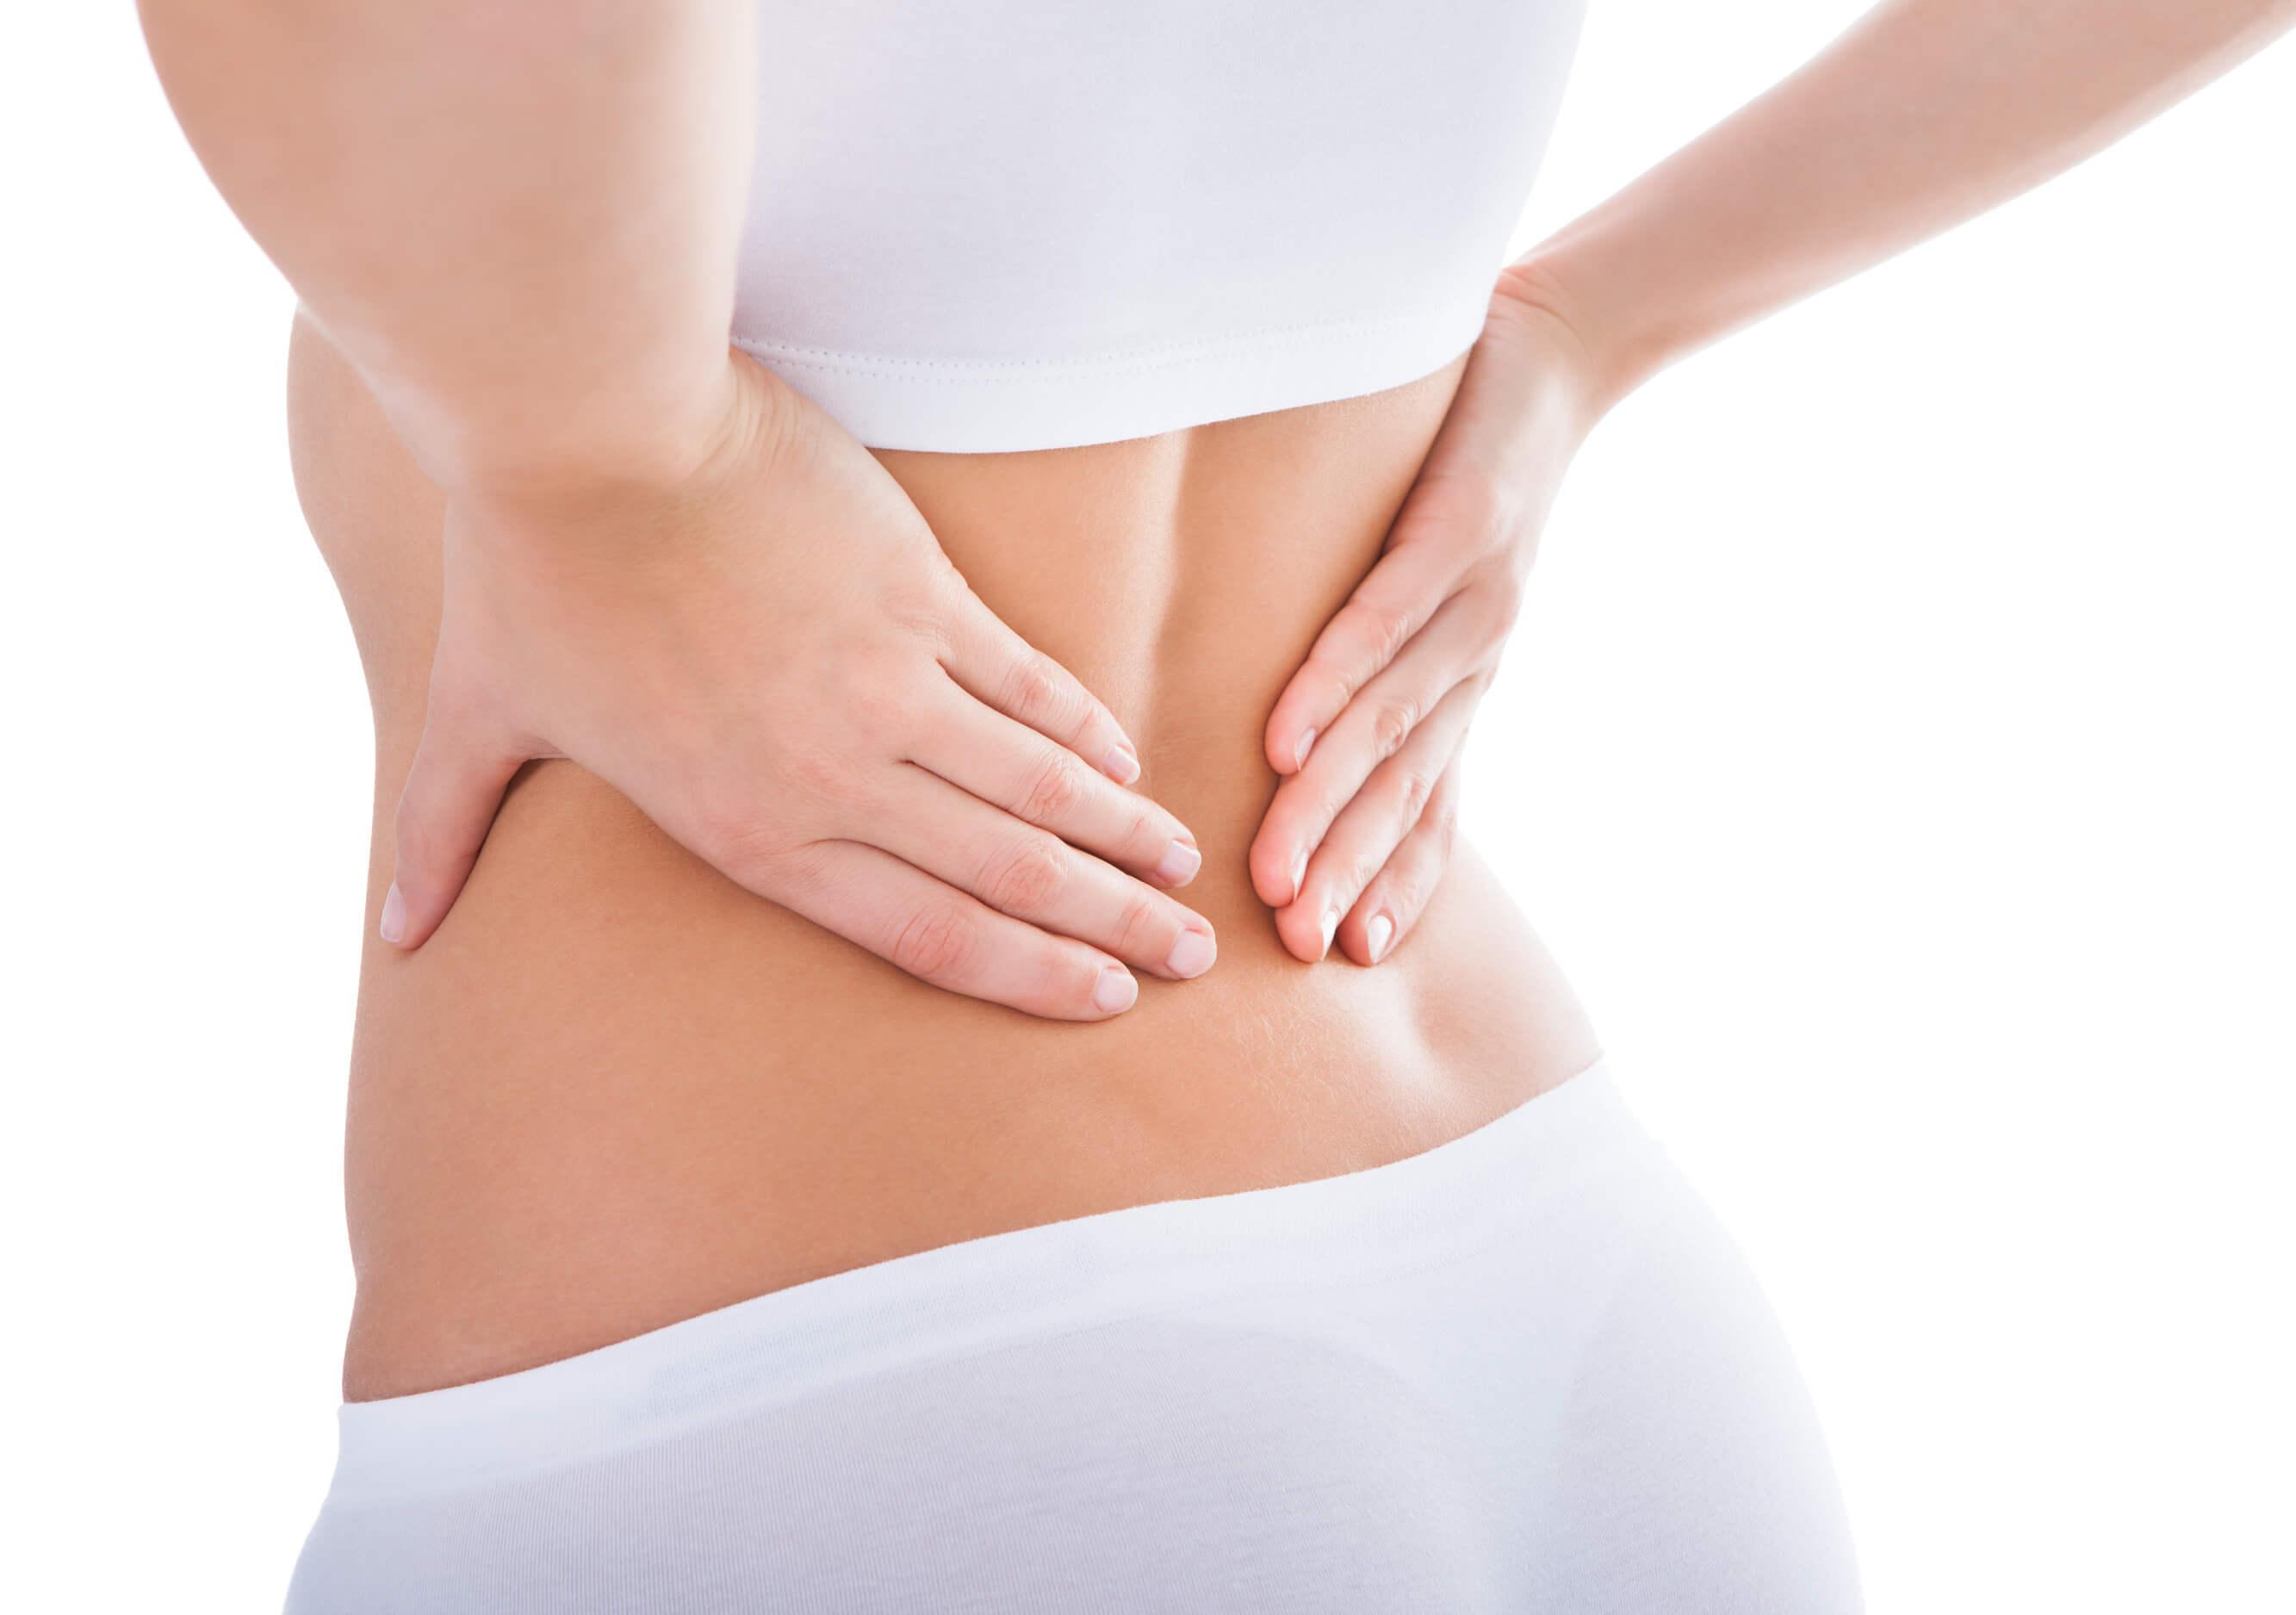 izületi merevség tünetei ízületi ízületi gyulladás tüneteket okoz